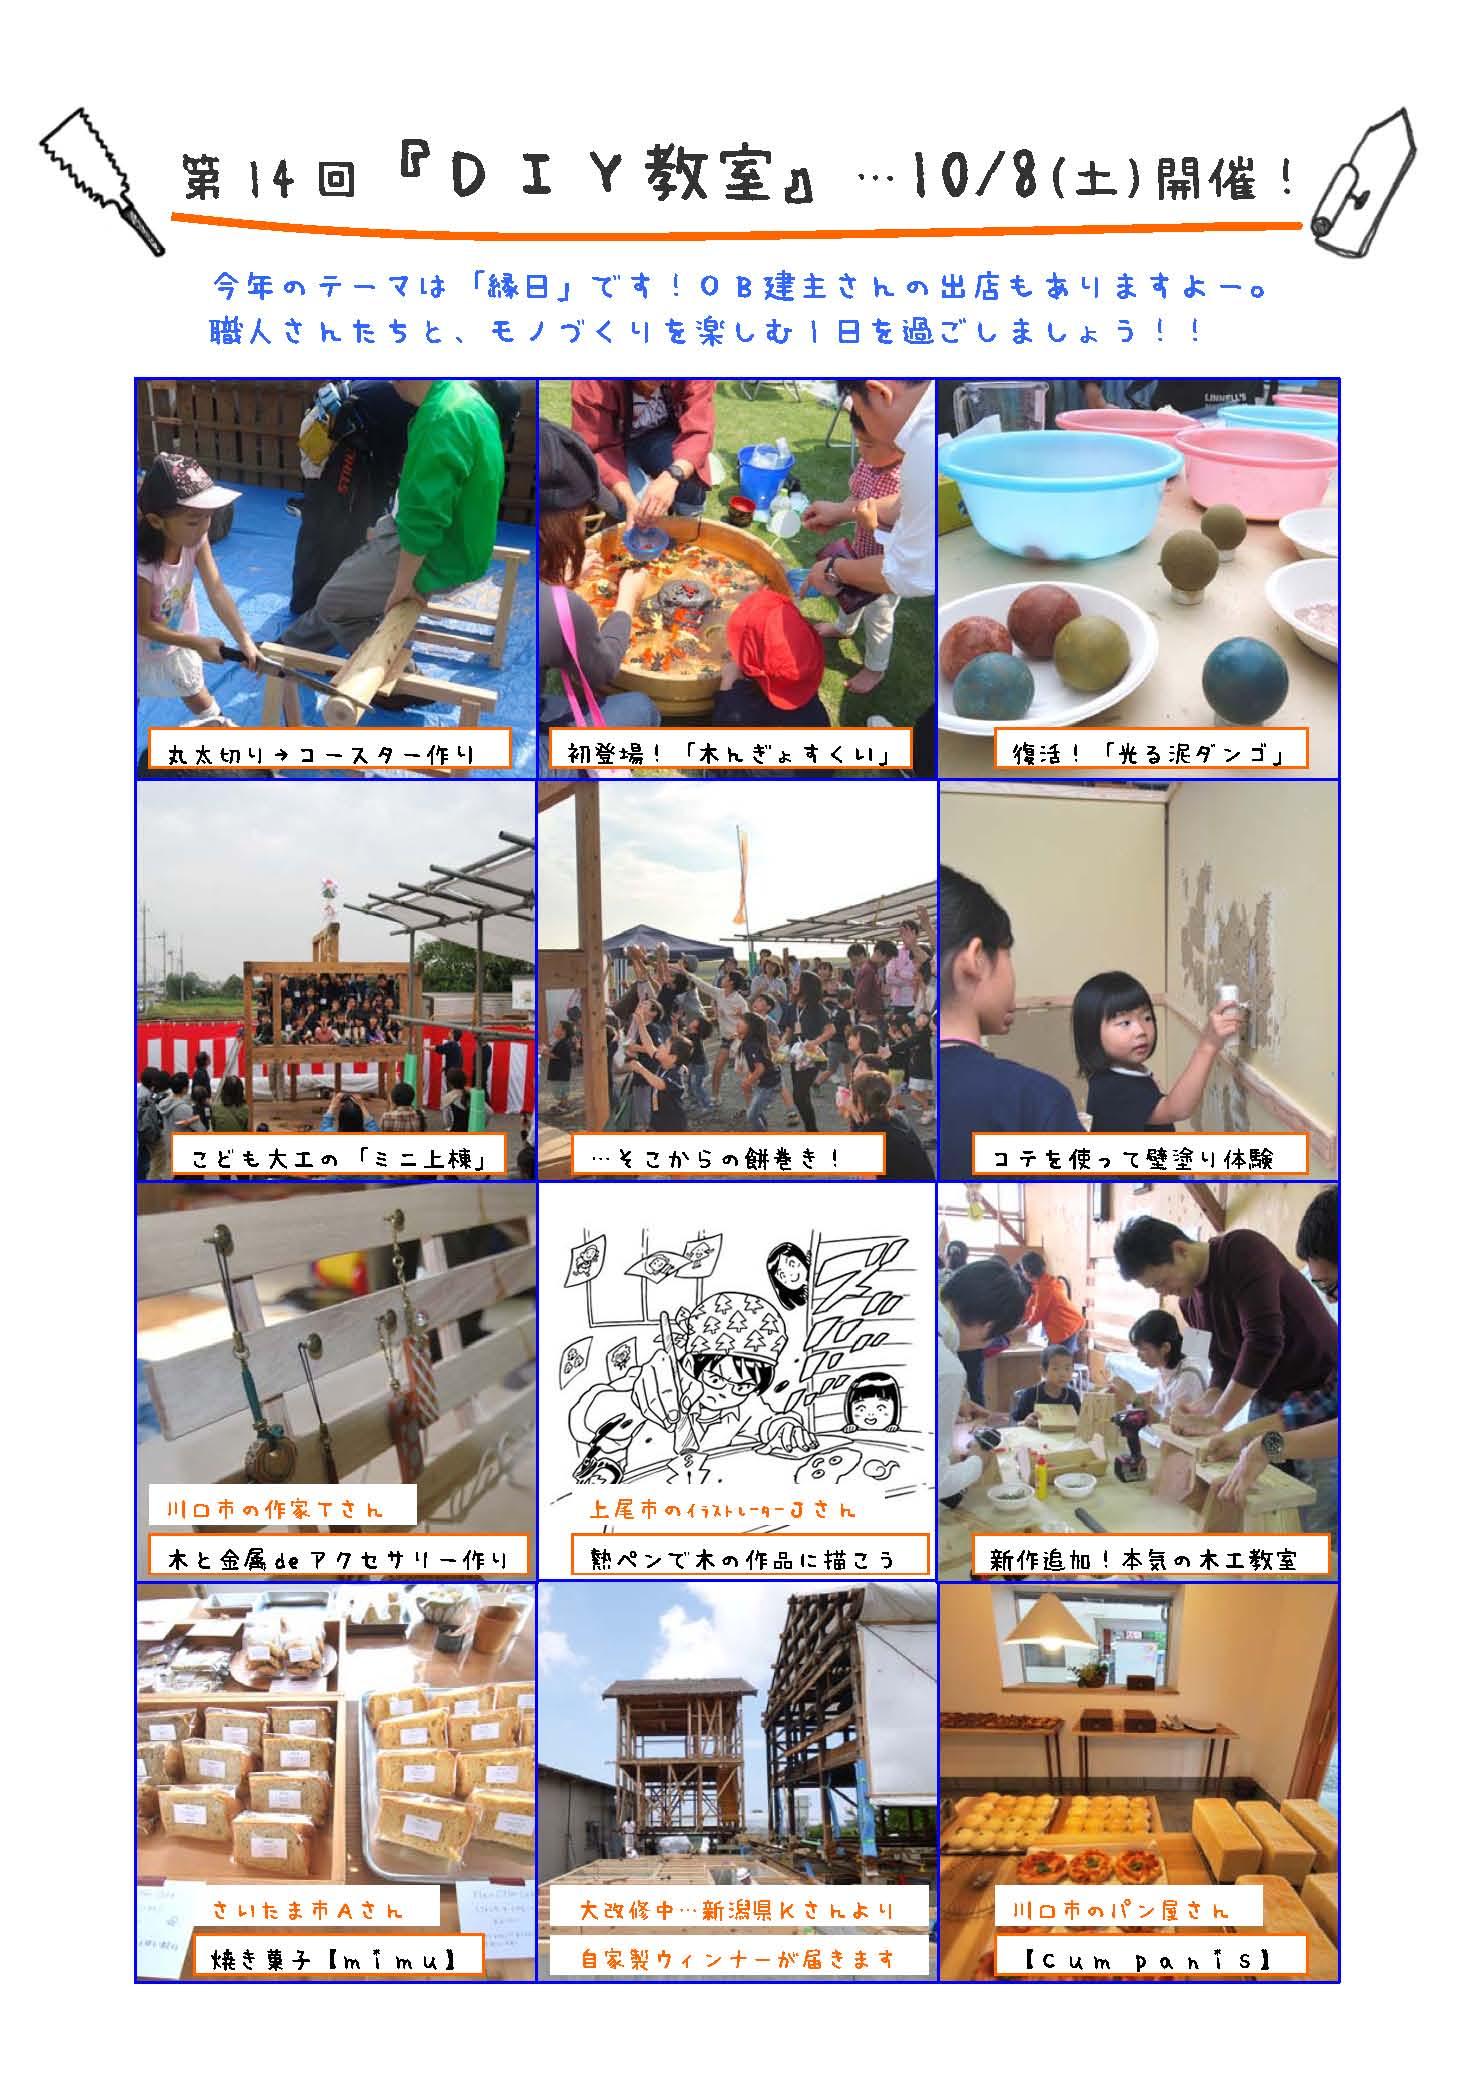 10/8(土)  【第14回 DIY教室】 at 木の加工場